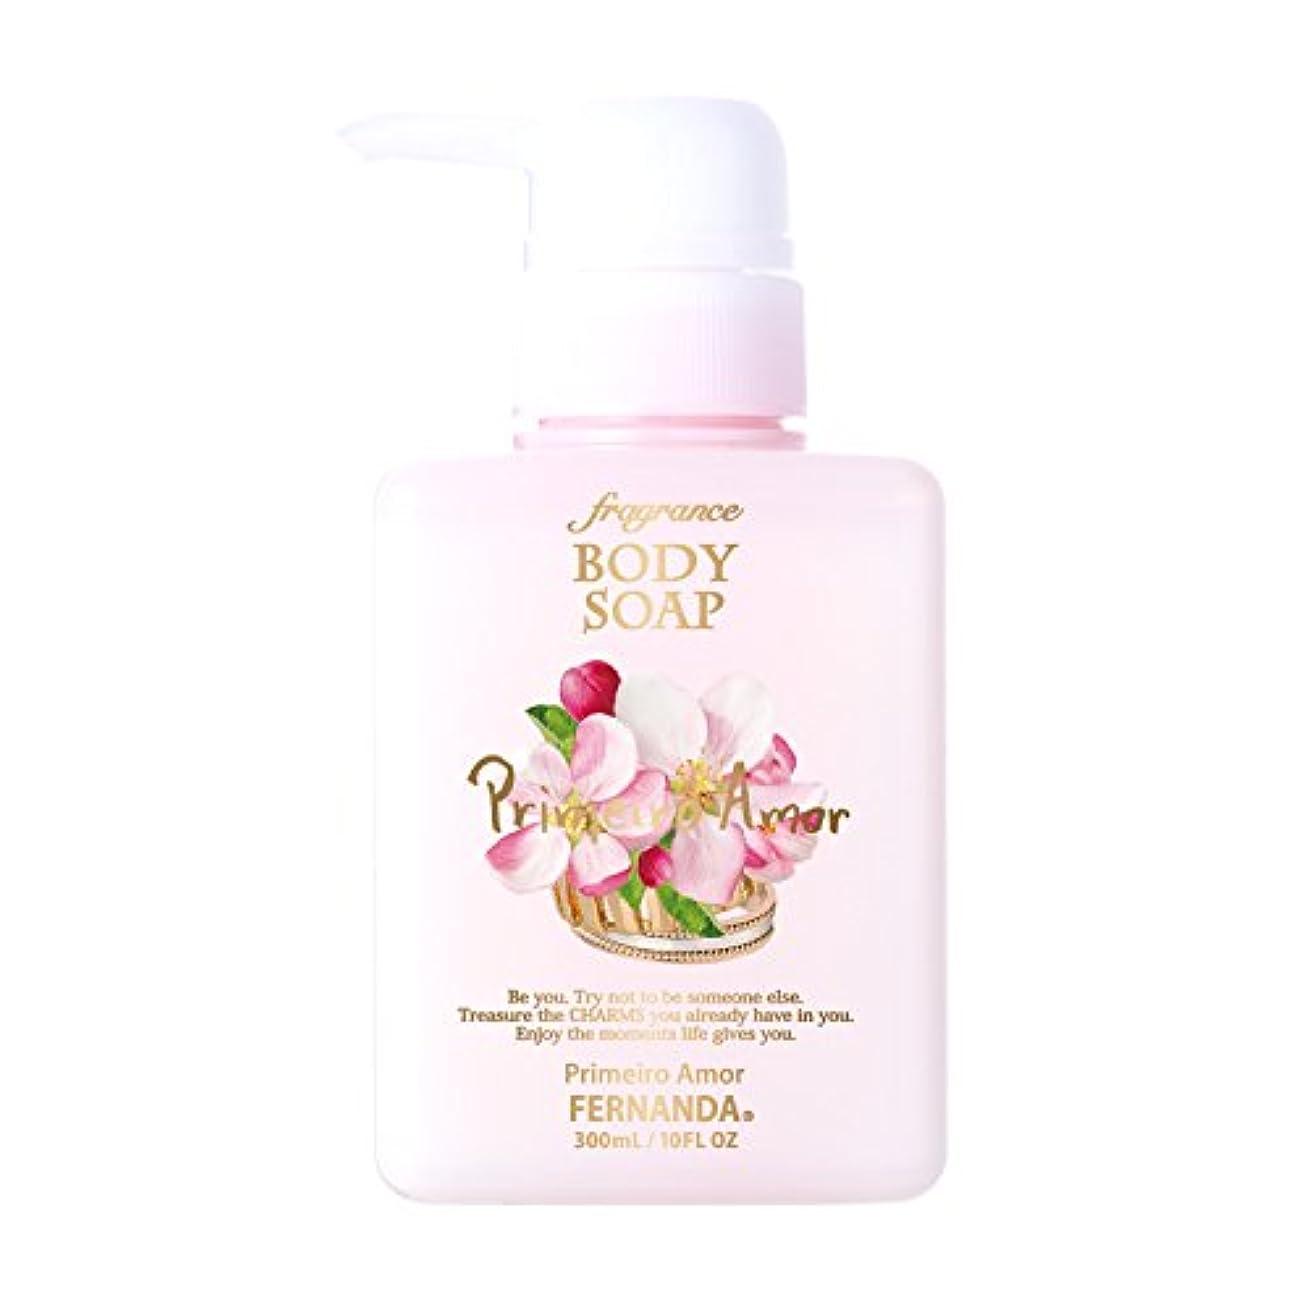 ページェント石炭周術期FERNANDA(フェルナンダ) Body Soap Primeiro Amor(ボディ ソープ プリメイロアモール)